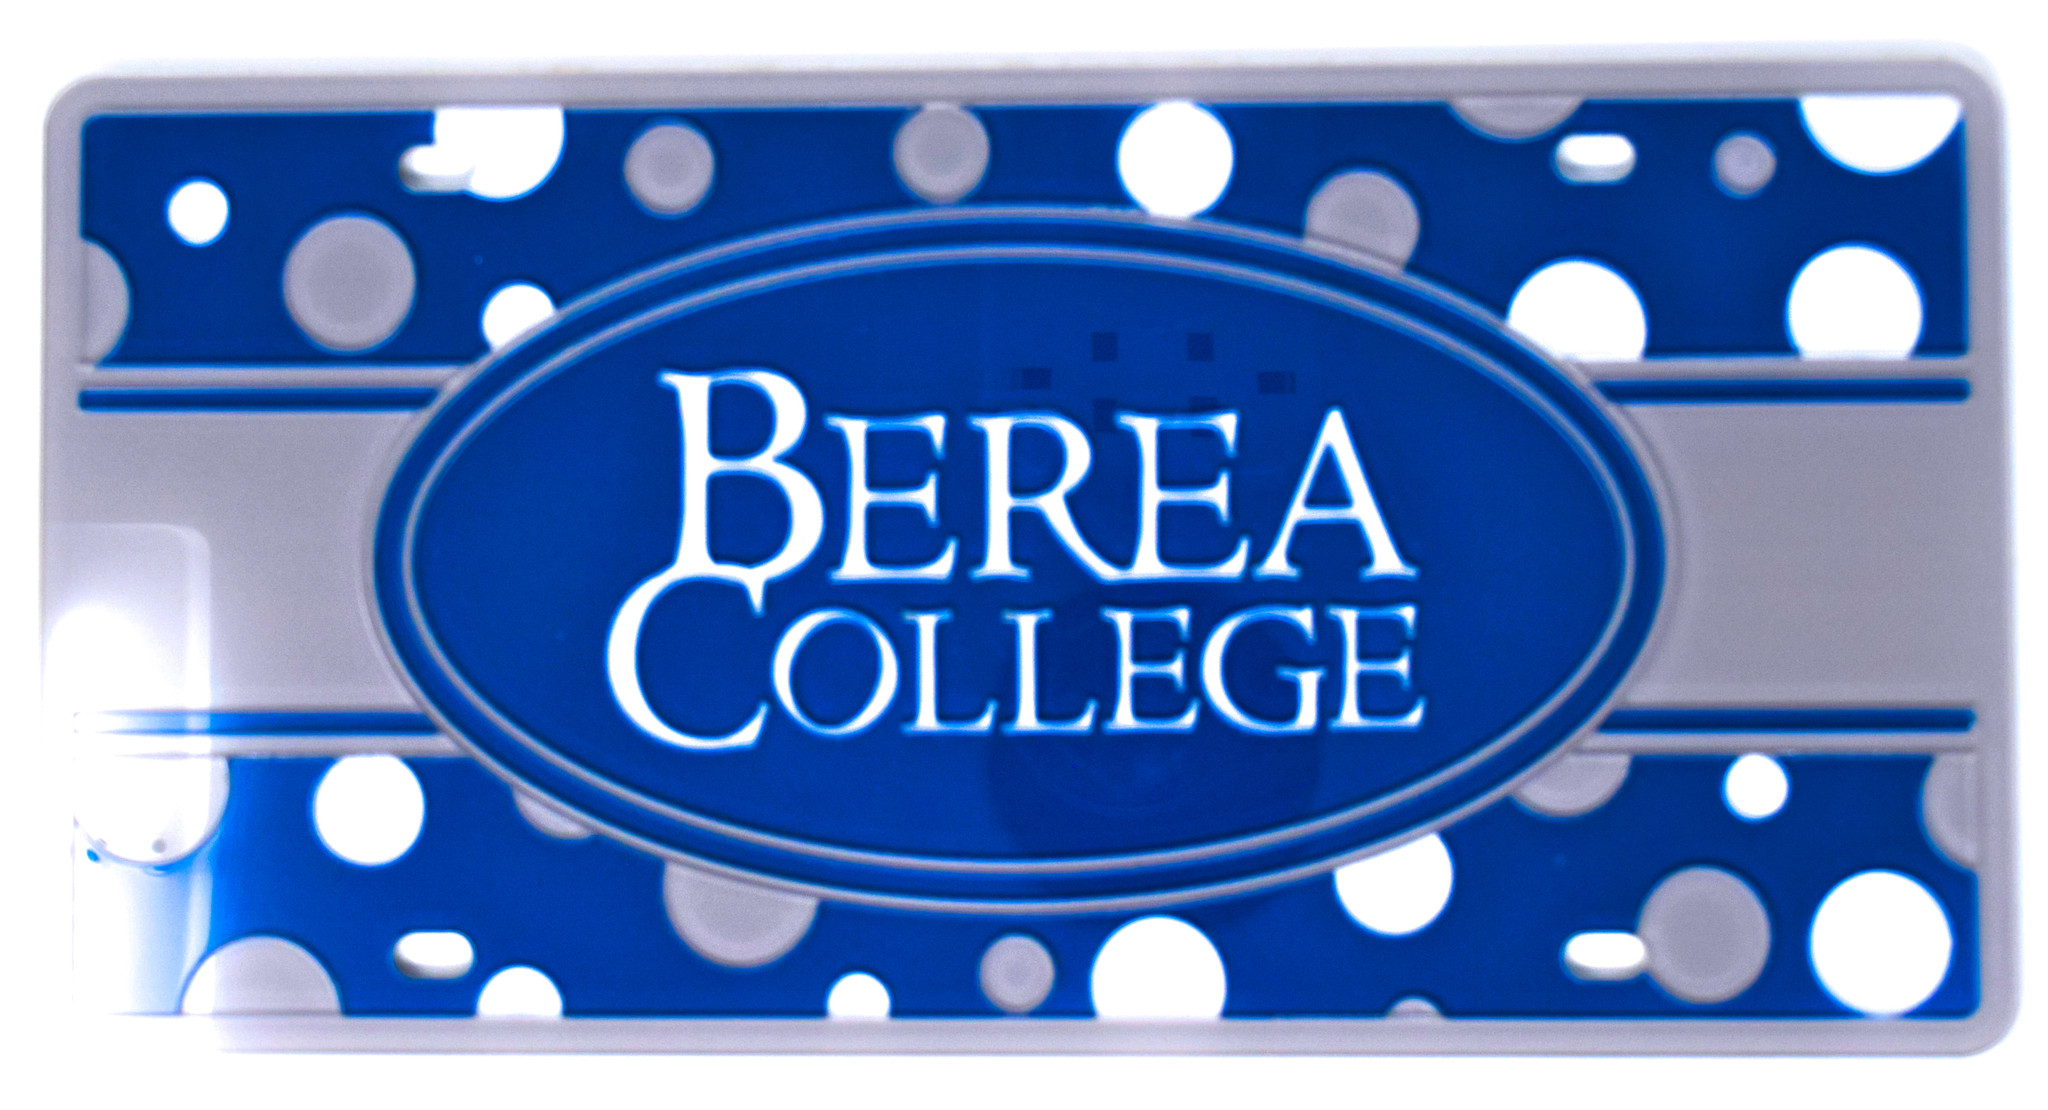 Stockdale Berea College Polka Dot License Plate